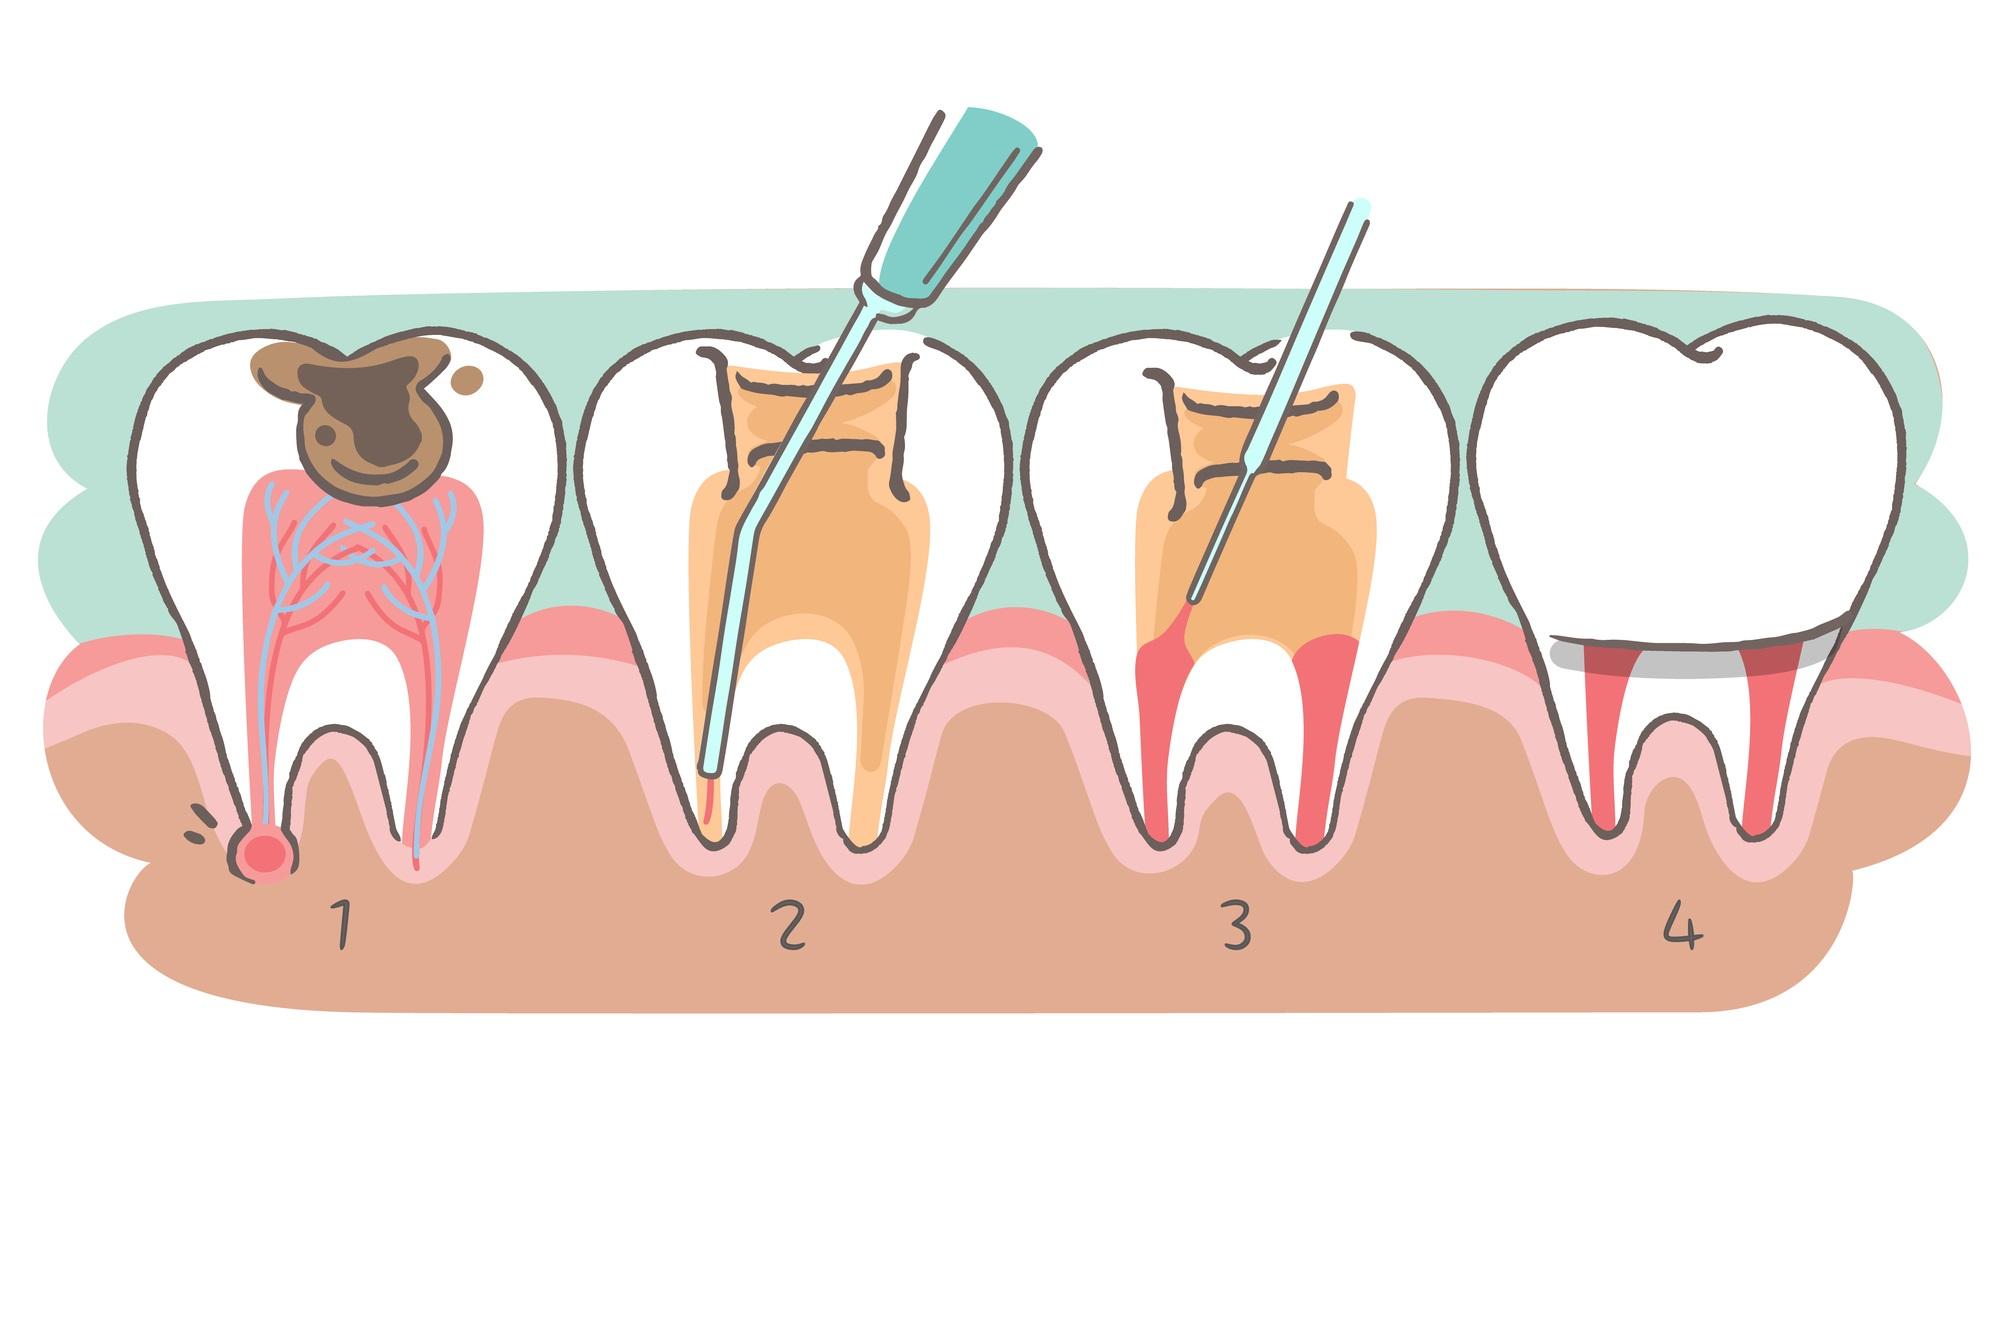 乳歯 神経